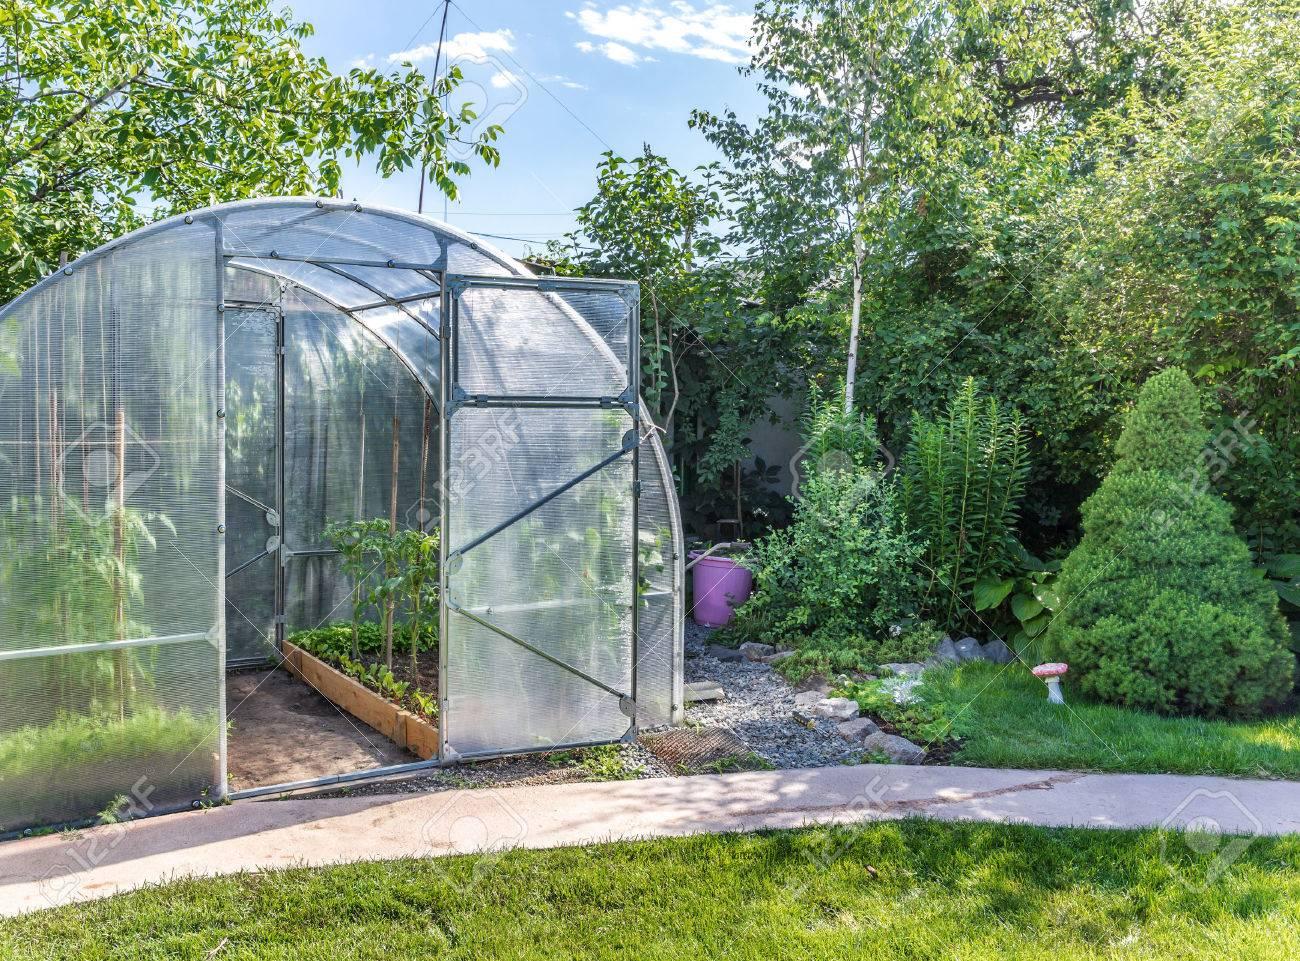 Gewächshaus Im Garten Hinter Dem Haus Mit Offener Tür Lizenzfreie ...